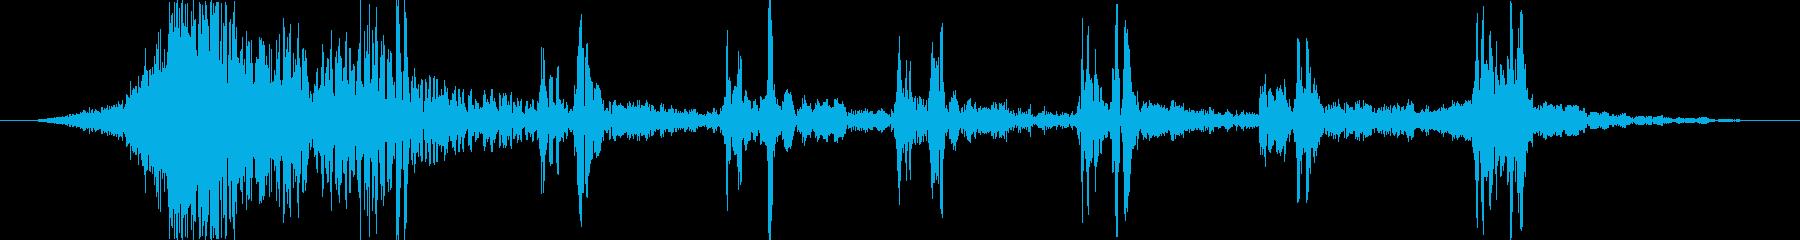 トランジション プロモーションパッド71の再生済みの波形